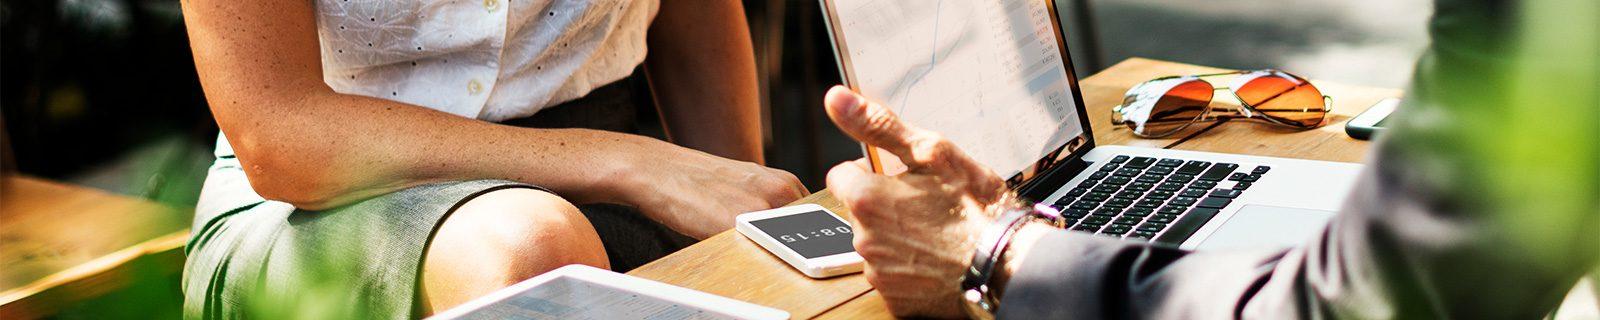 Hintergrundbild mobiles Business – Fachbereich Finanzwissenschaften